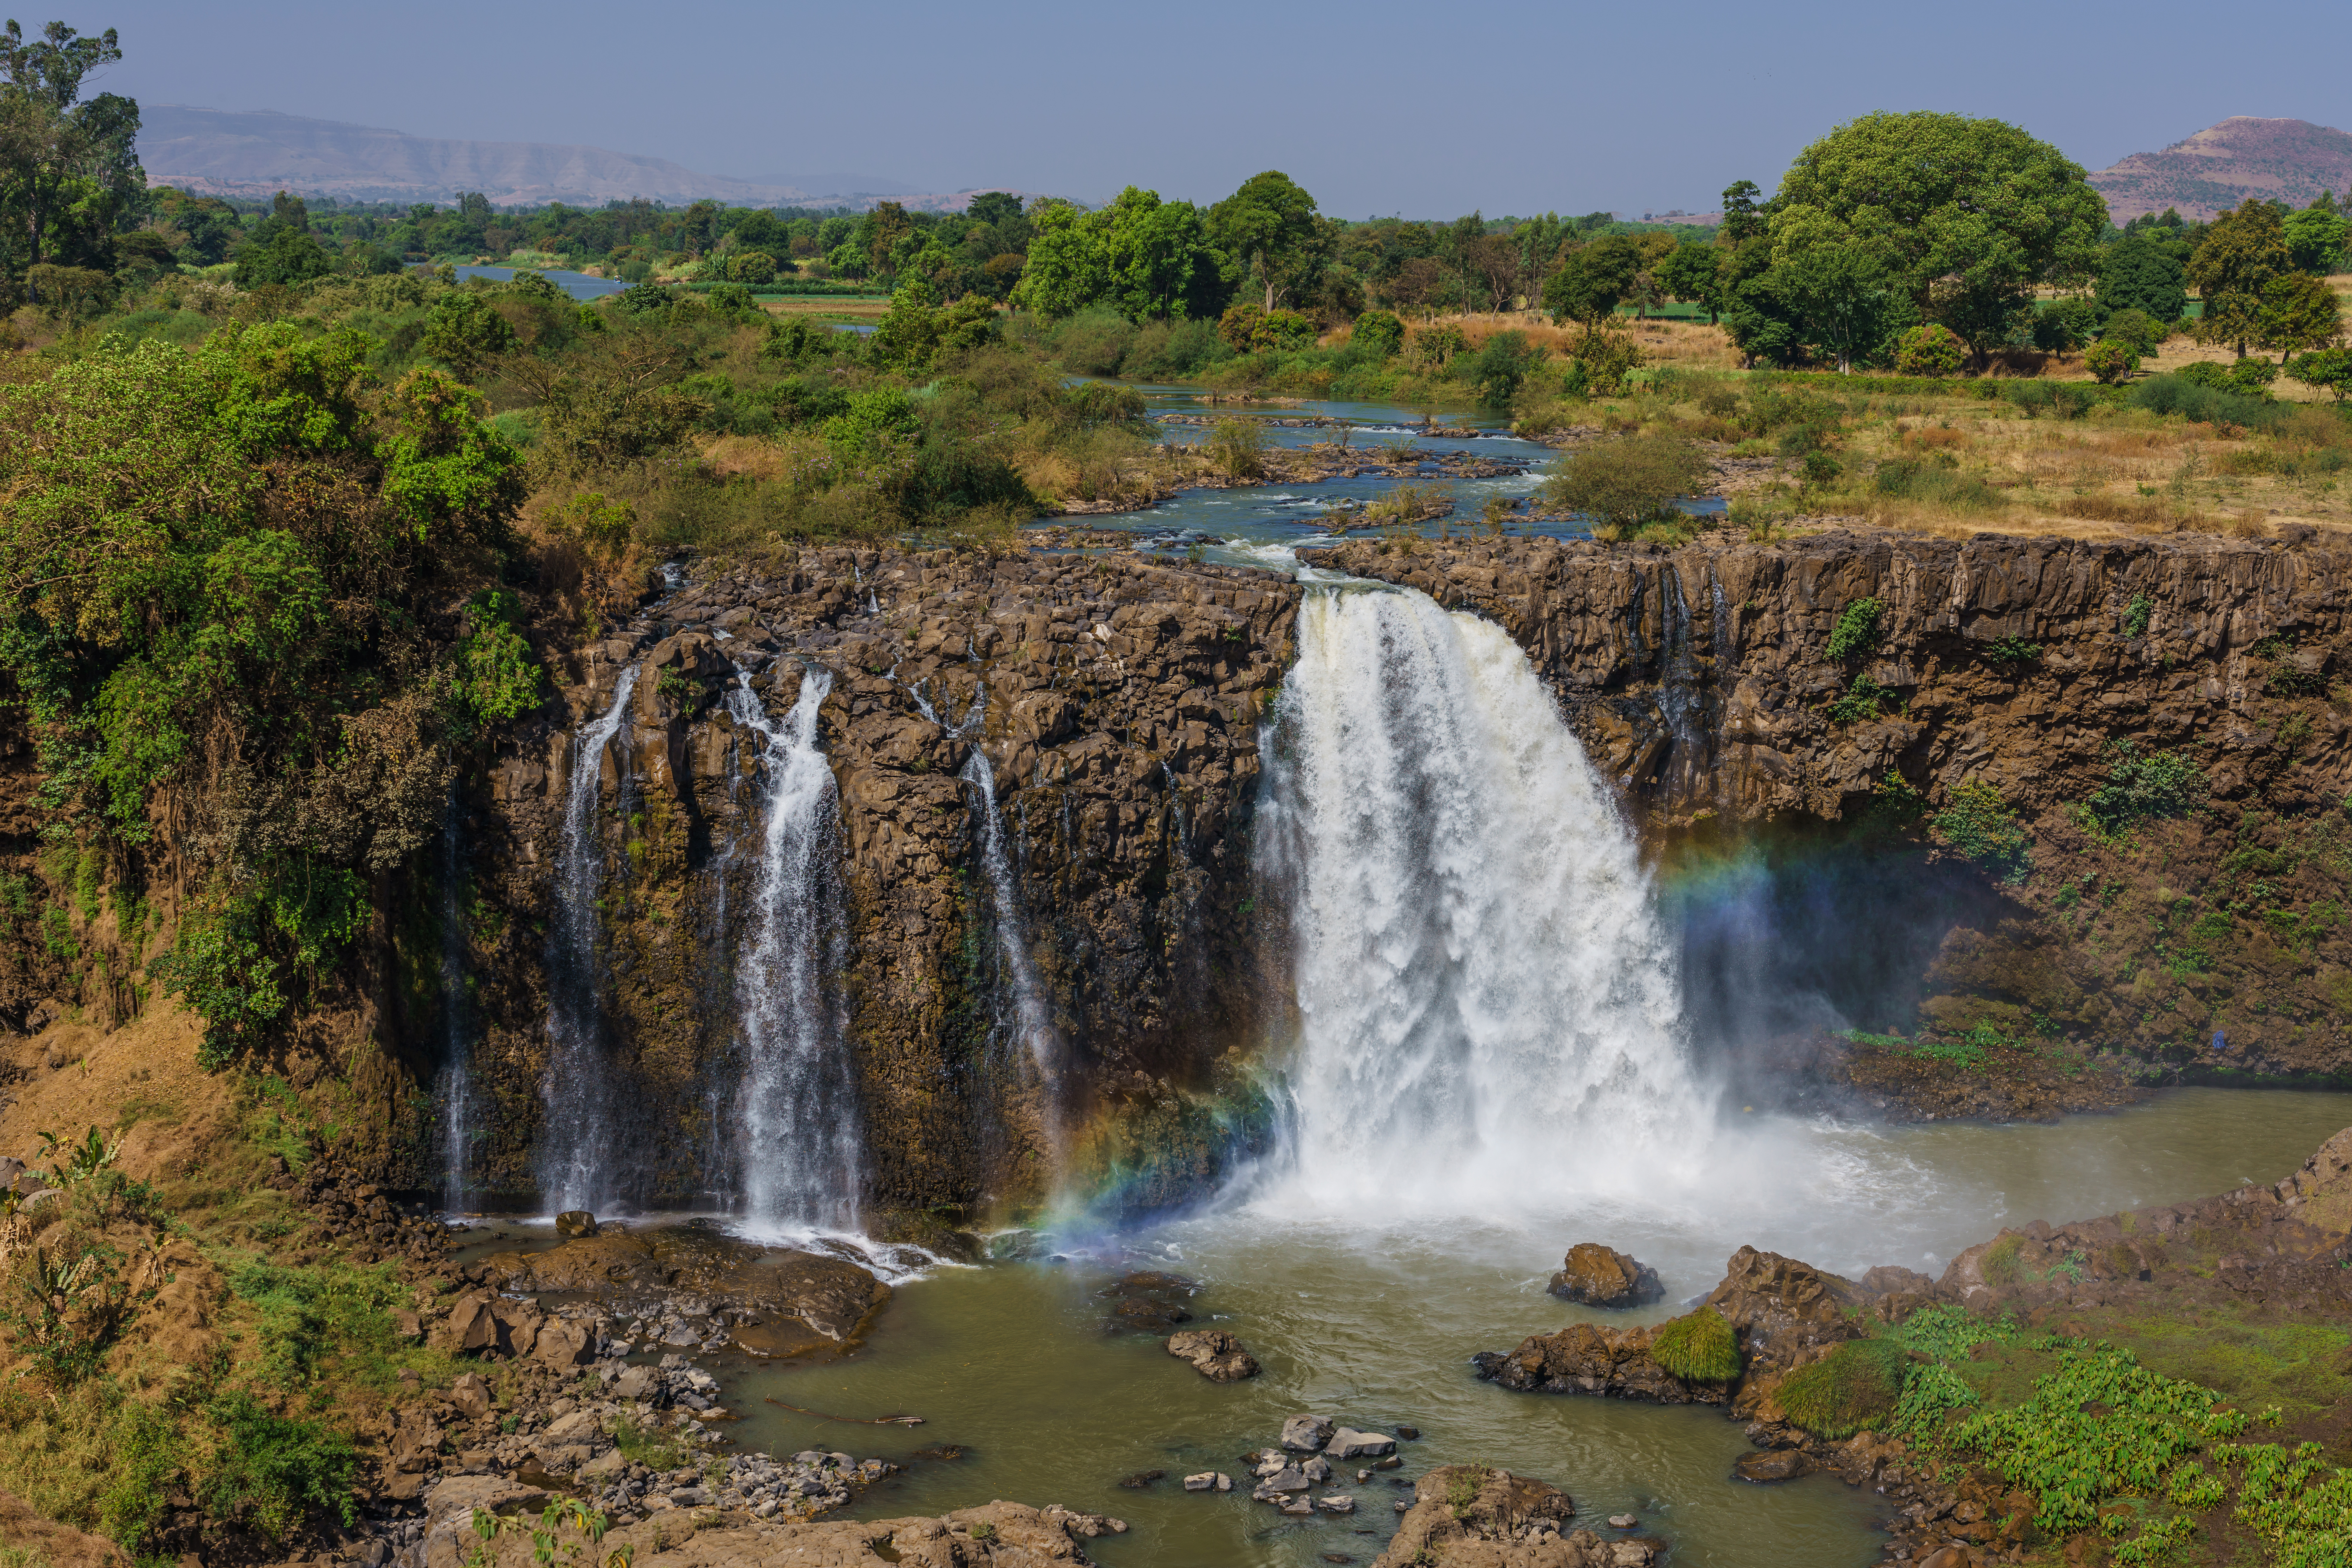 上图:东非埃塞俄比亚北部的青尼罗河瀑布(Tis Abay,Blue Nile Falls)。尼罗河上游有两条主要支流,源于埃塞俄比亚高原的青尼罗河是尼罗河下游大多数水和营养来源,源于东非大裂谷维多利亚湖流域的白尼罗河则是最长的支流。青、白尼罗河在苏丹首都喀土穆附近汇成尼罗河,然后向北穿过苏丹和埃及,所经过的地方均是沙漠,孕育了古埃及文明。